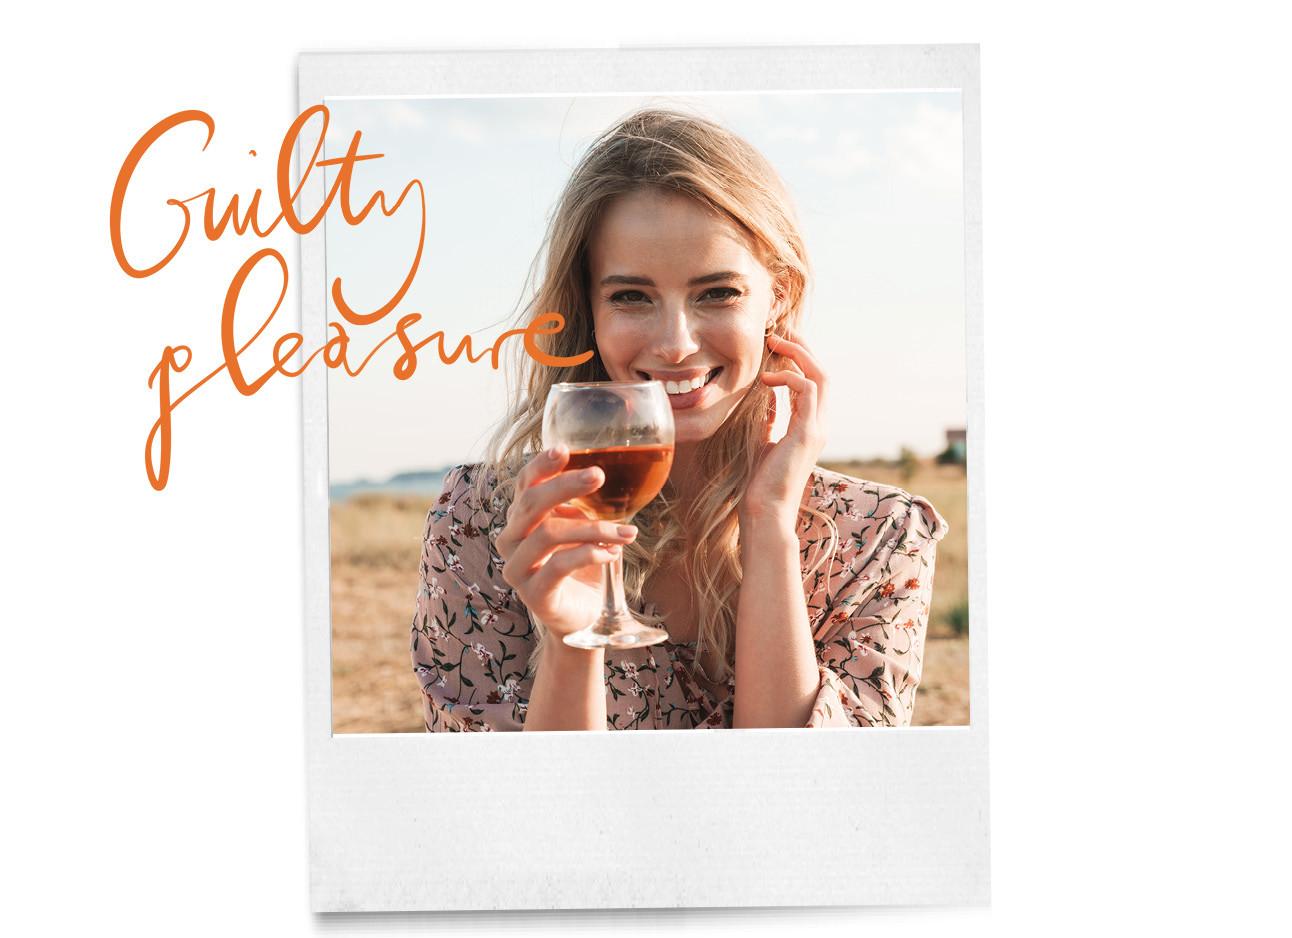 een meisje dat met een glas wijn in haar handen staat